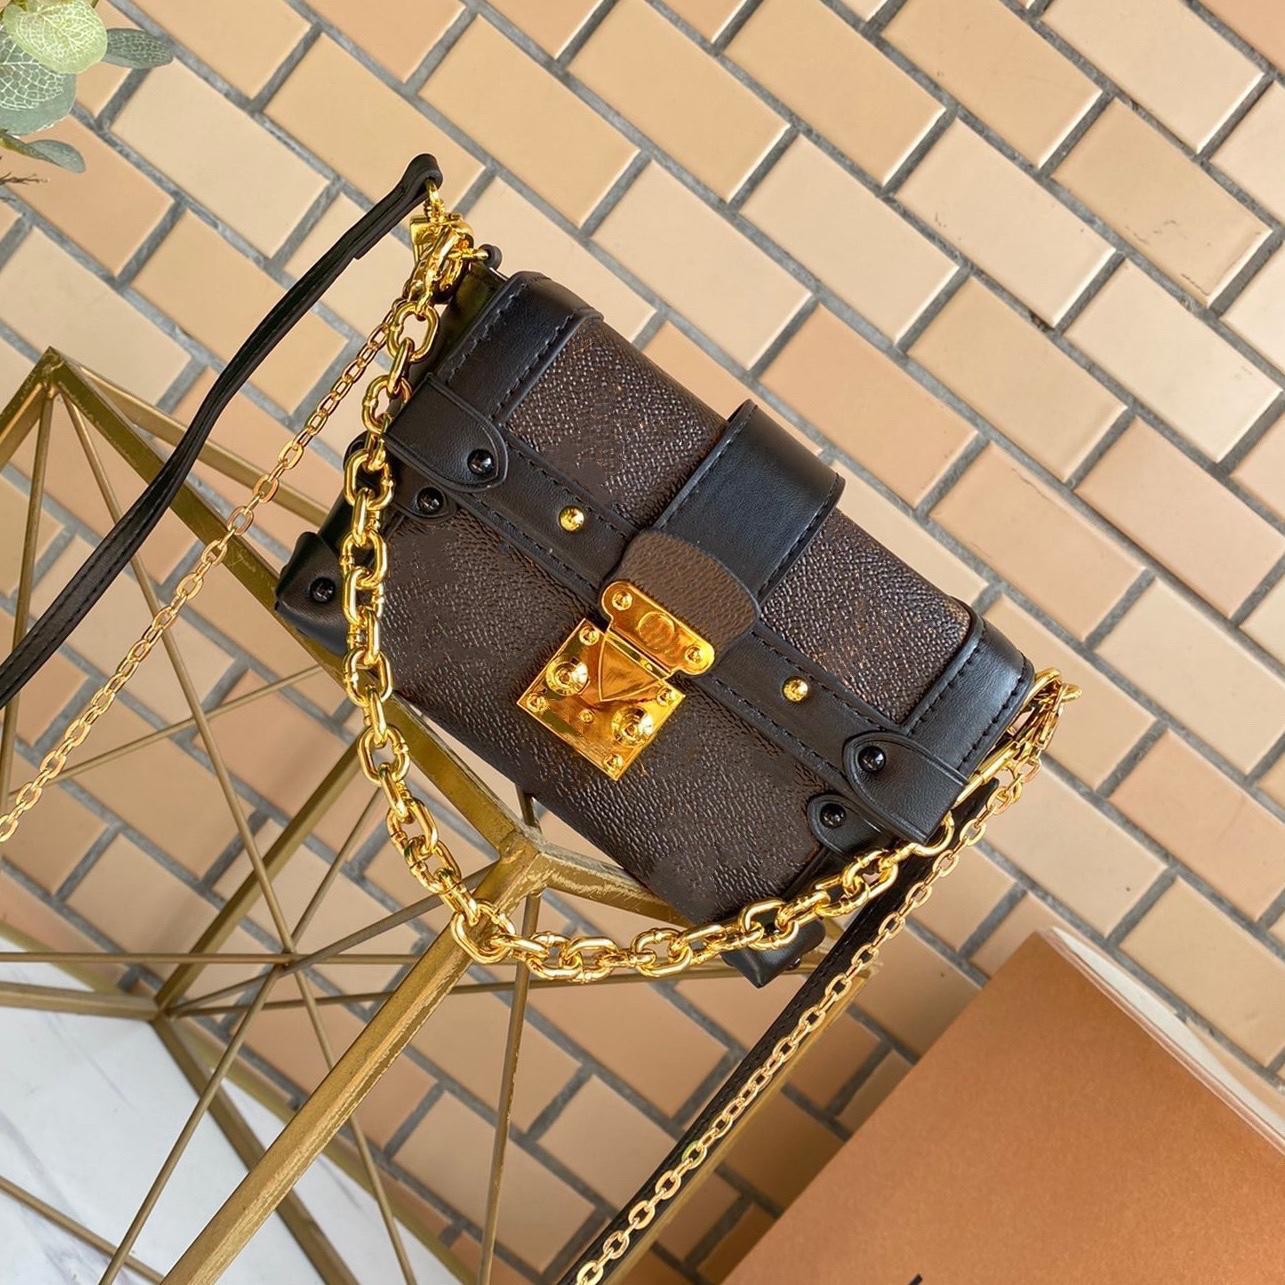 필수 트렁크 미니화물 상자 모양 패션 금속 스 터 드 및 작은 보물에 대 한 완벽 한 자물쇠 크로스 바디 작은 여성 멋진 가방